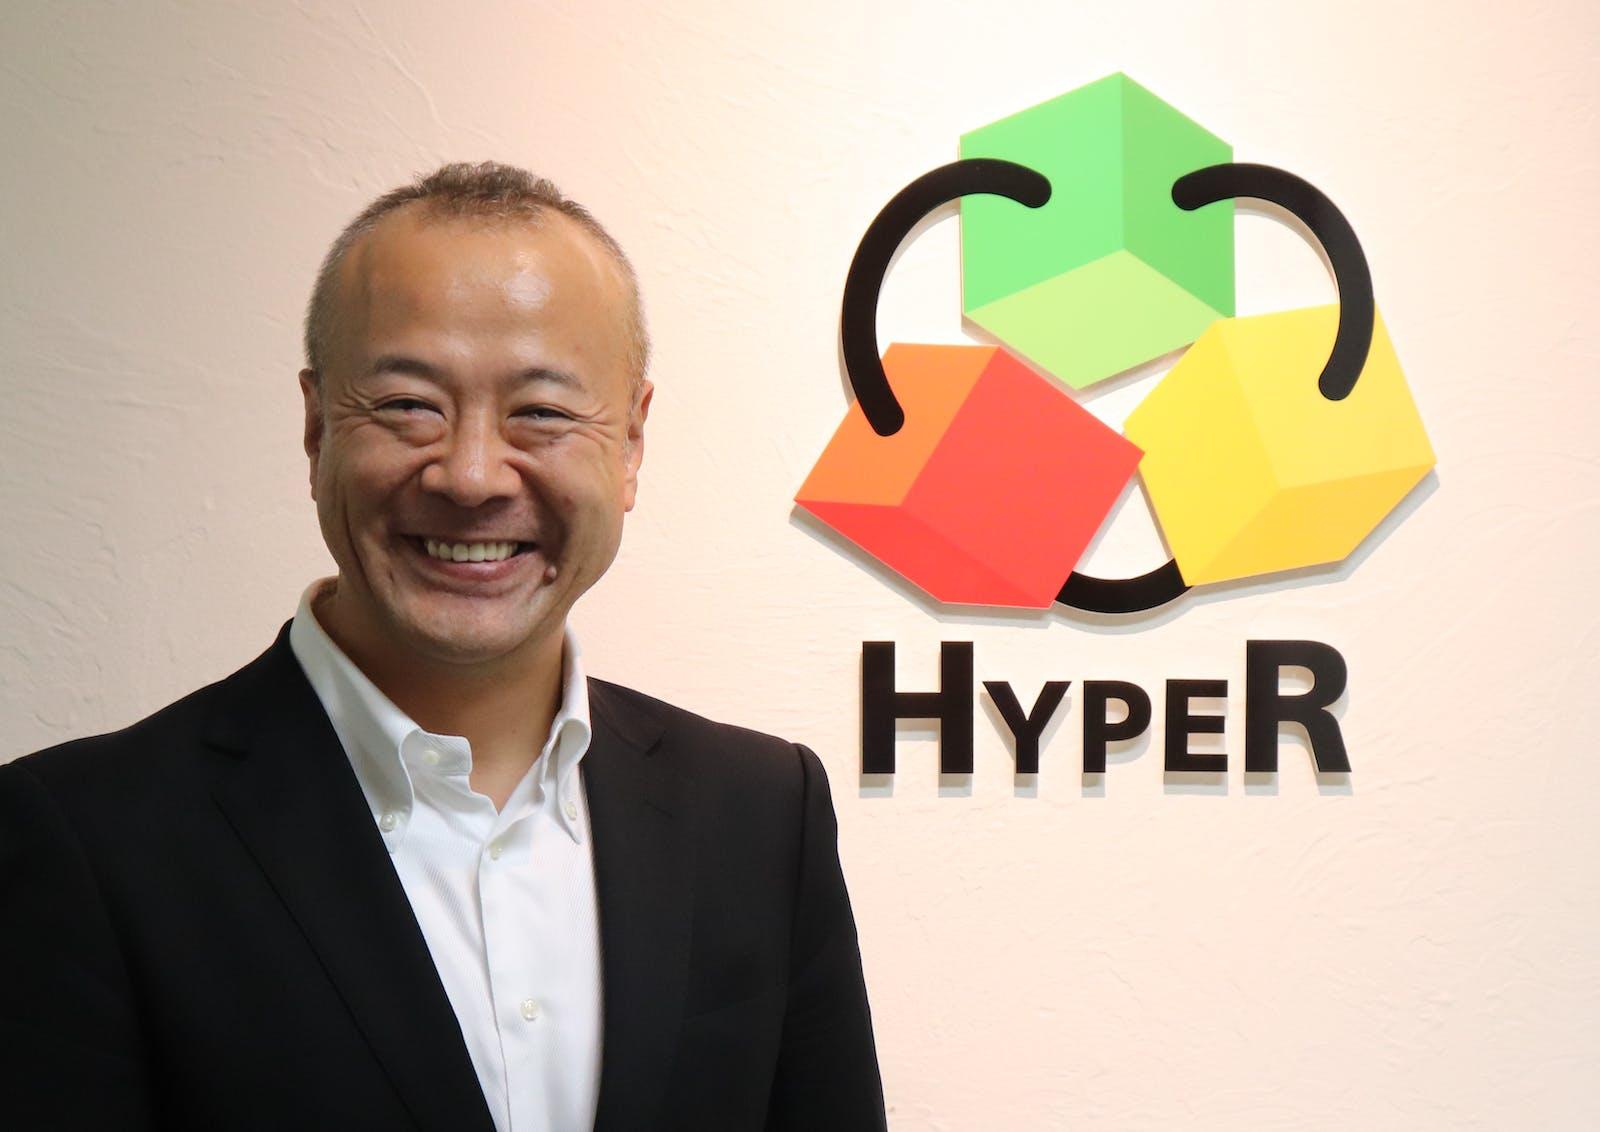 株式会社ハイパーのアイキャッチ画像